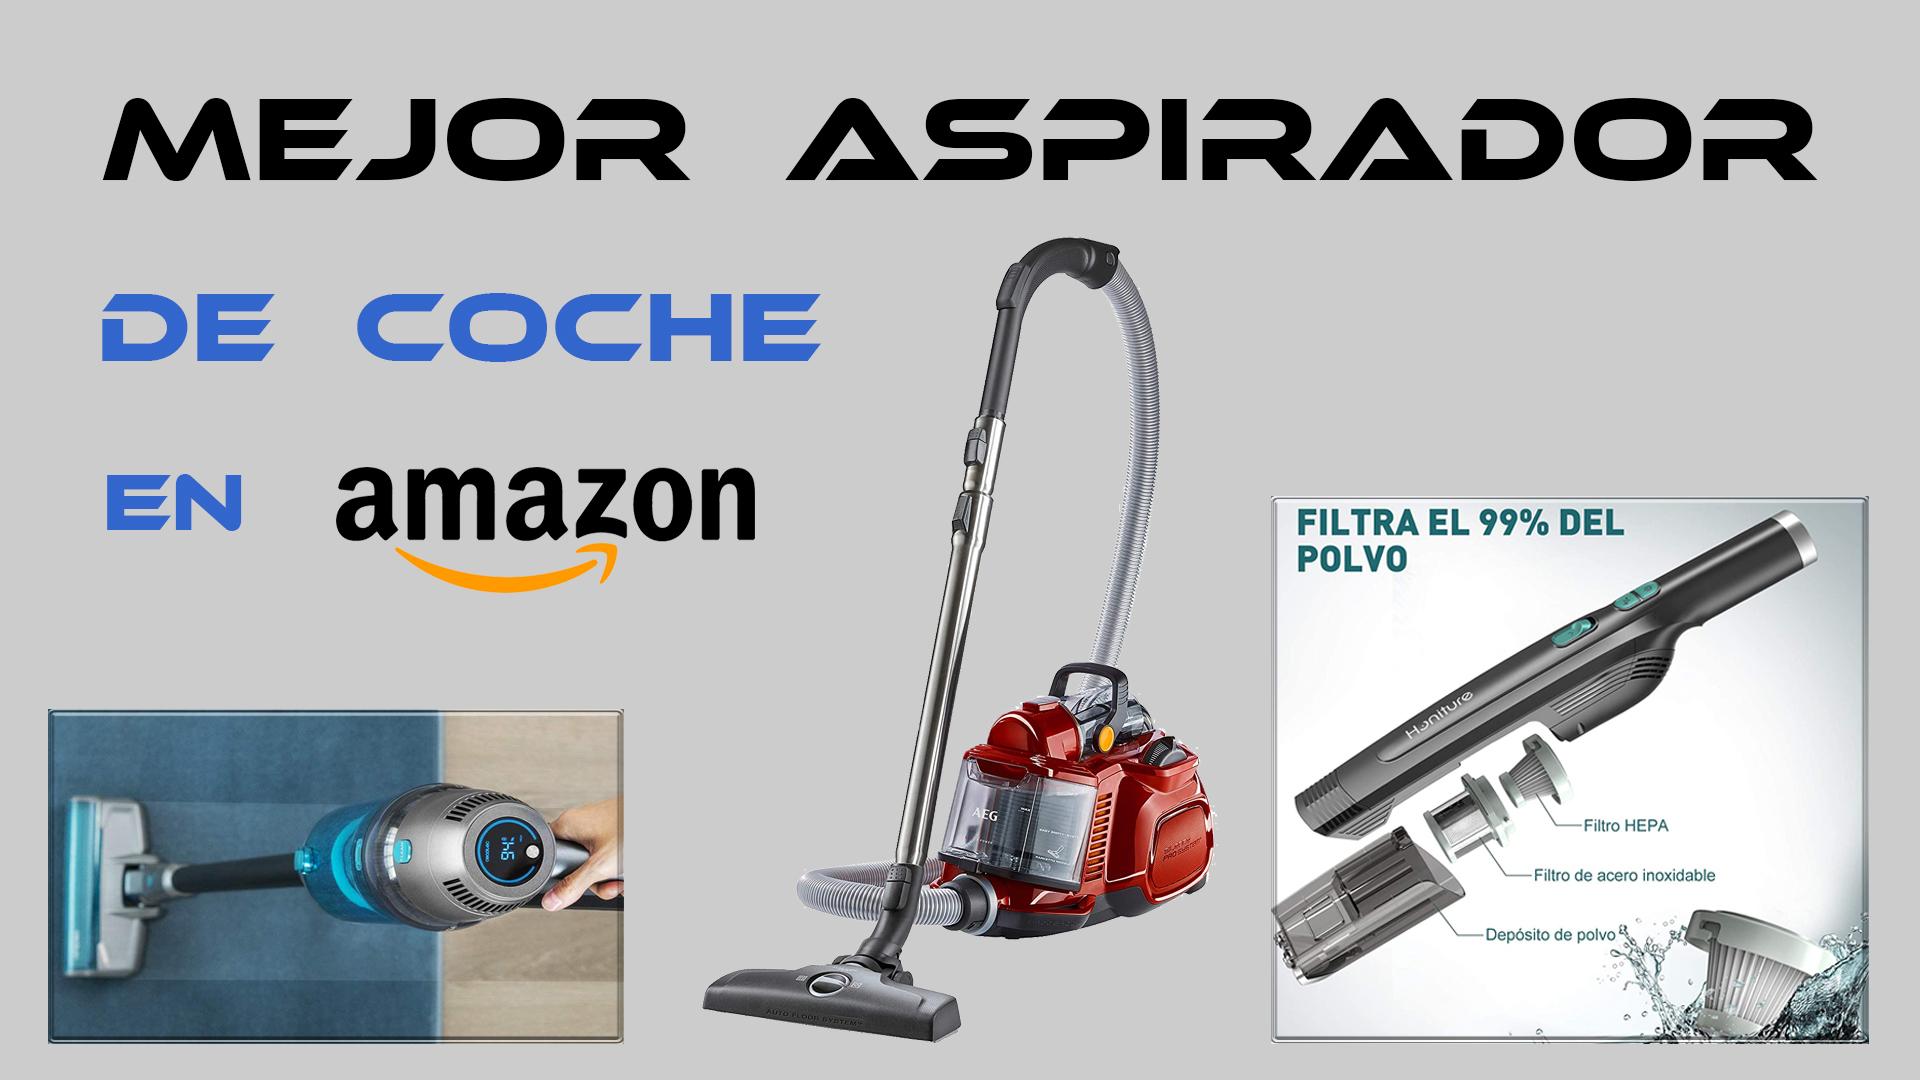 El mejor aspirador de coche en Amazon